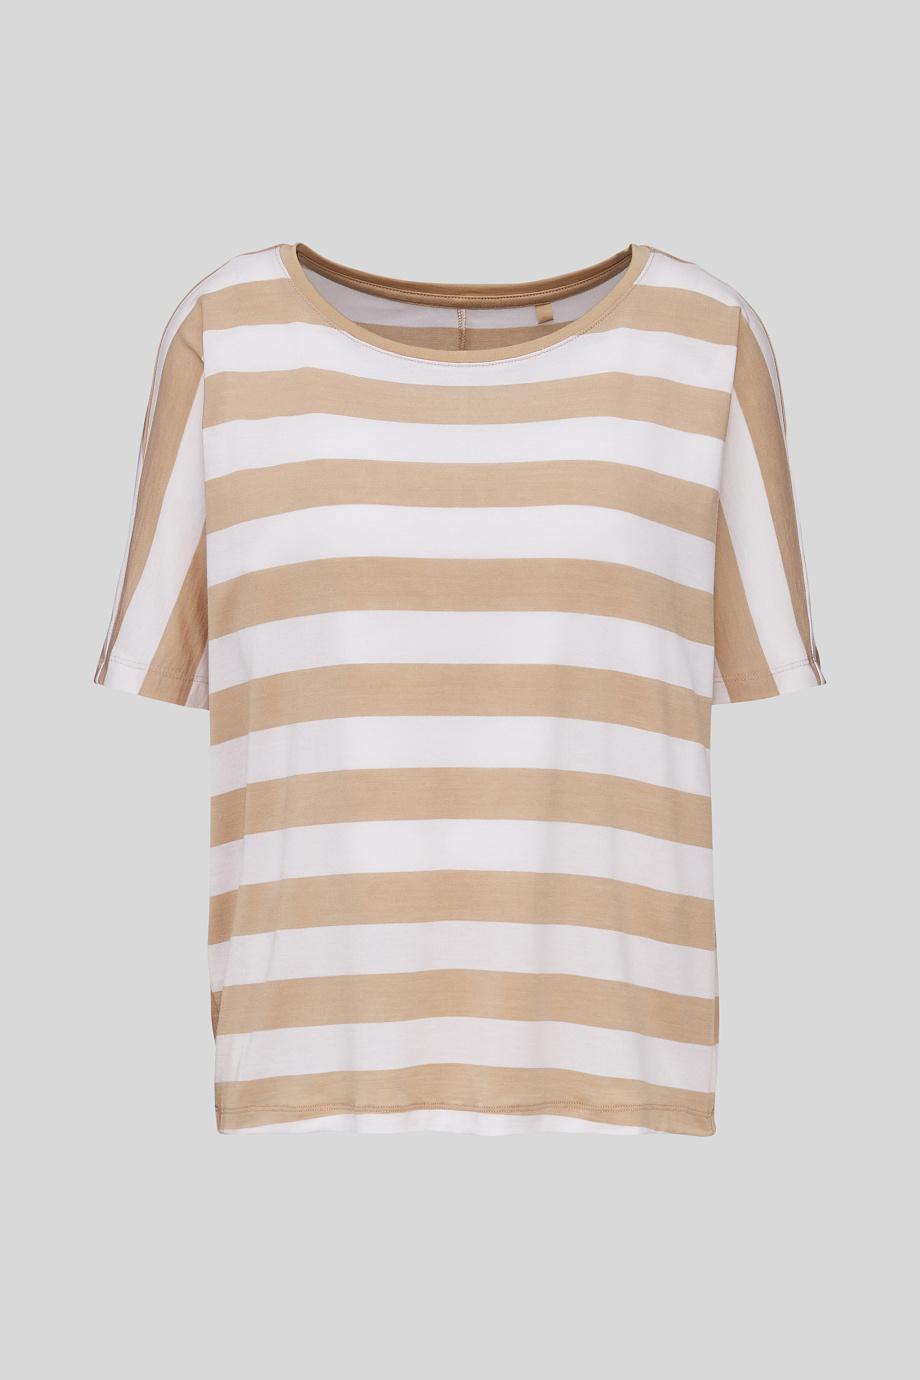 Damen T Shirt Gestreift Weiss Beige In 2020 T Shirt Shirts T Shirt Damen